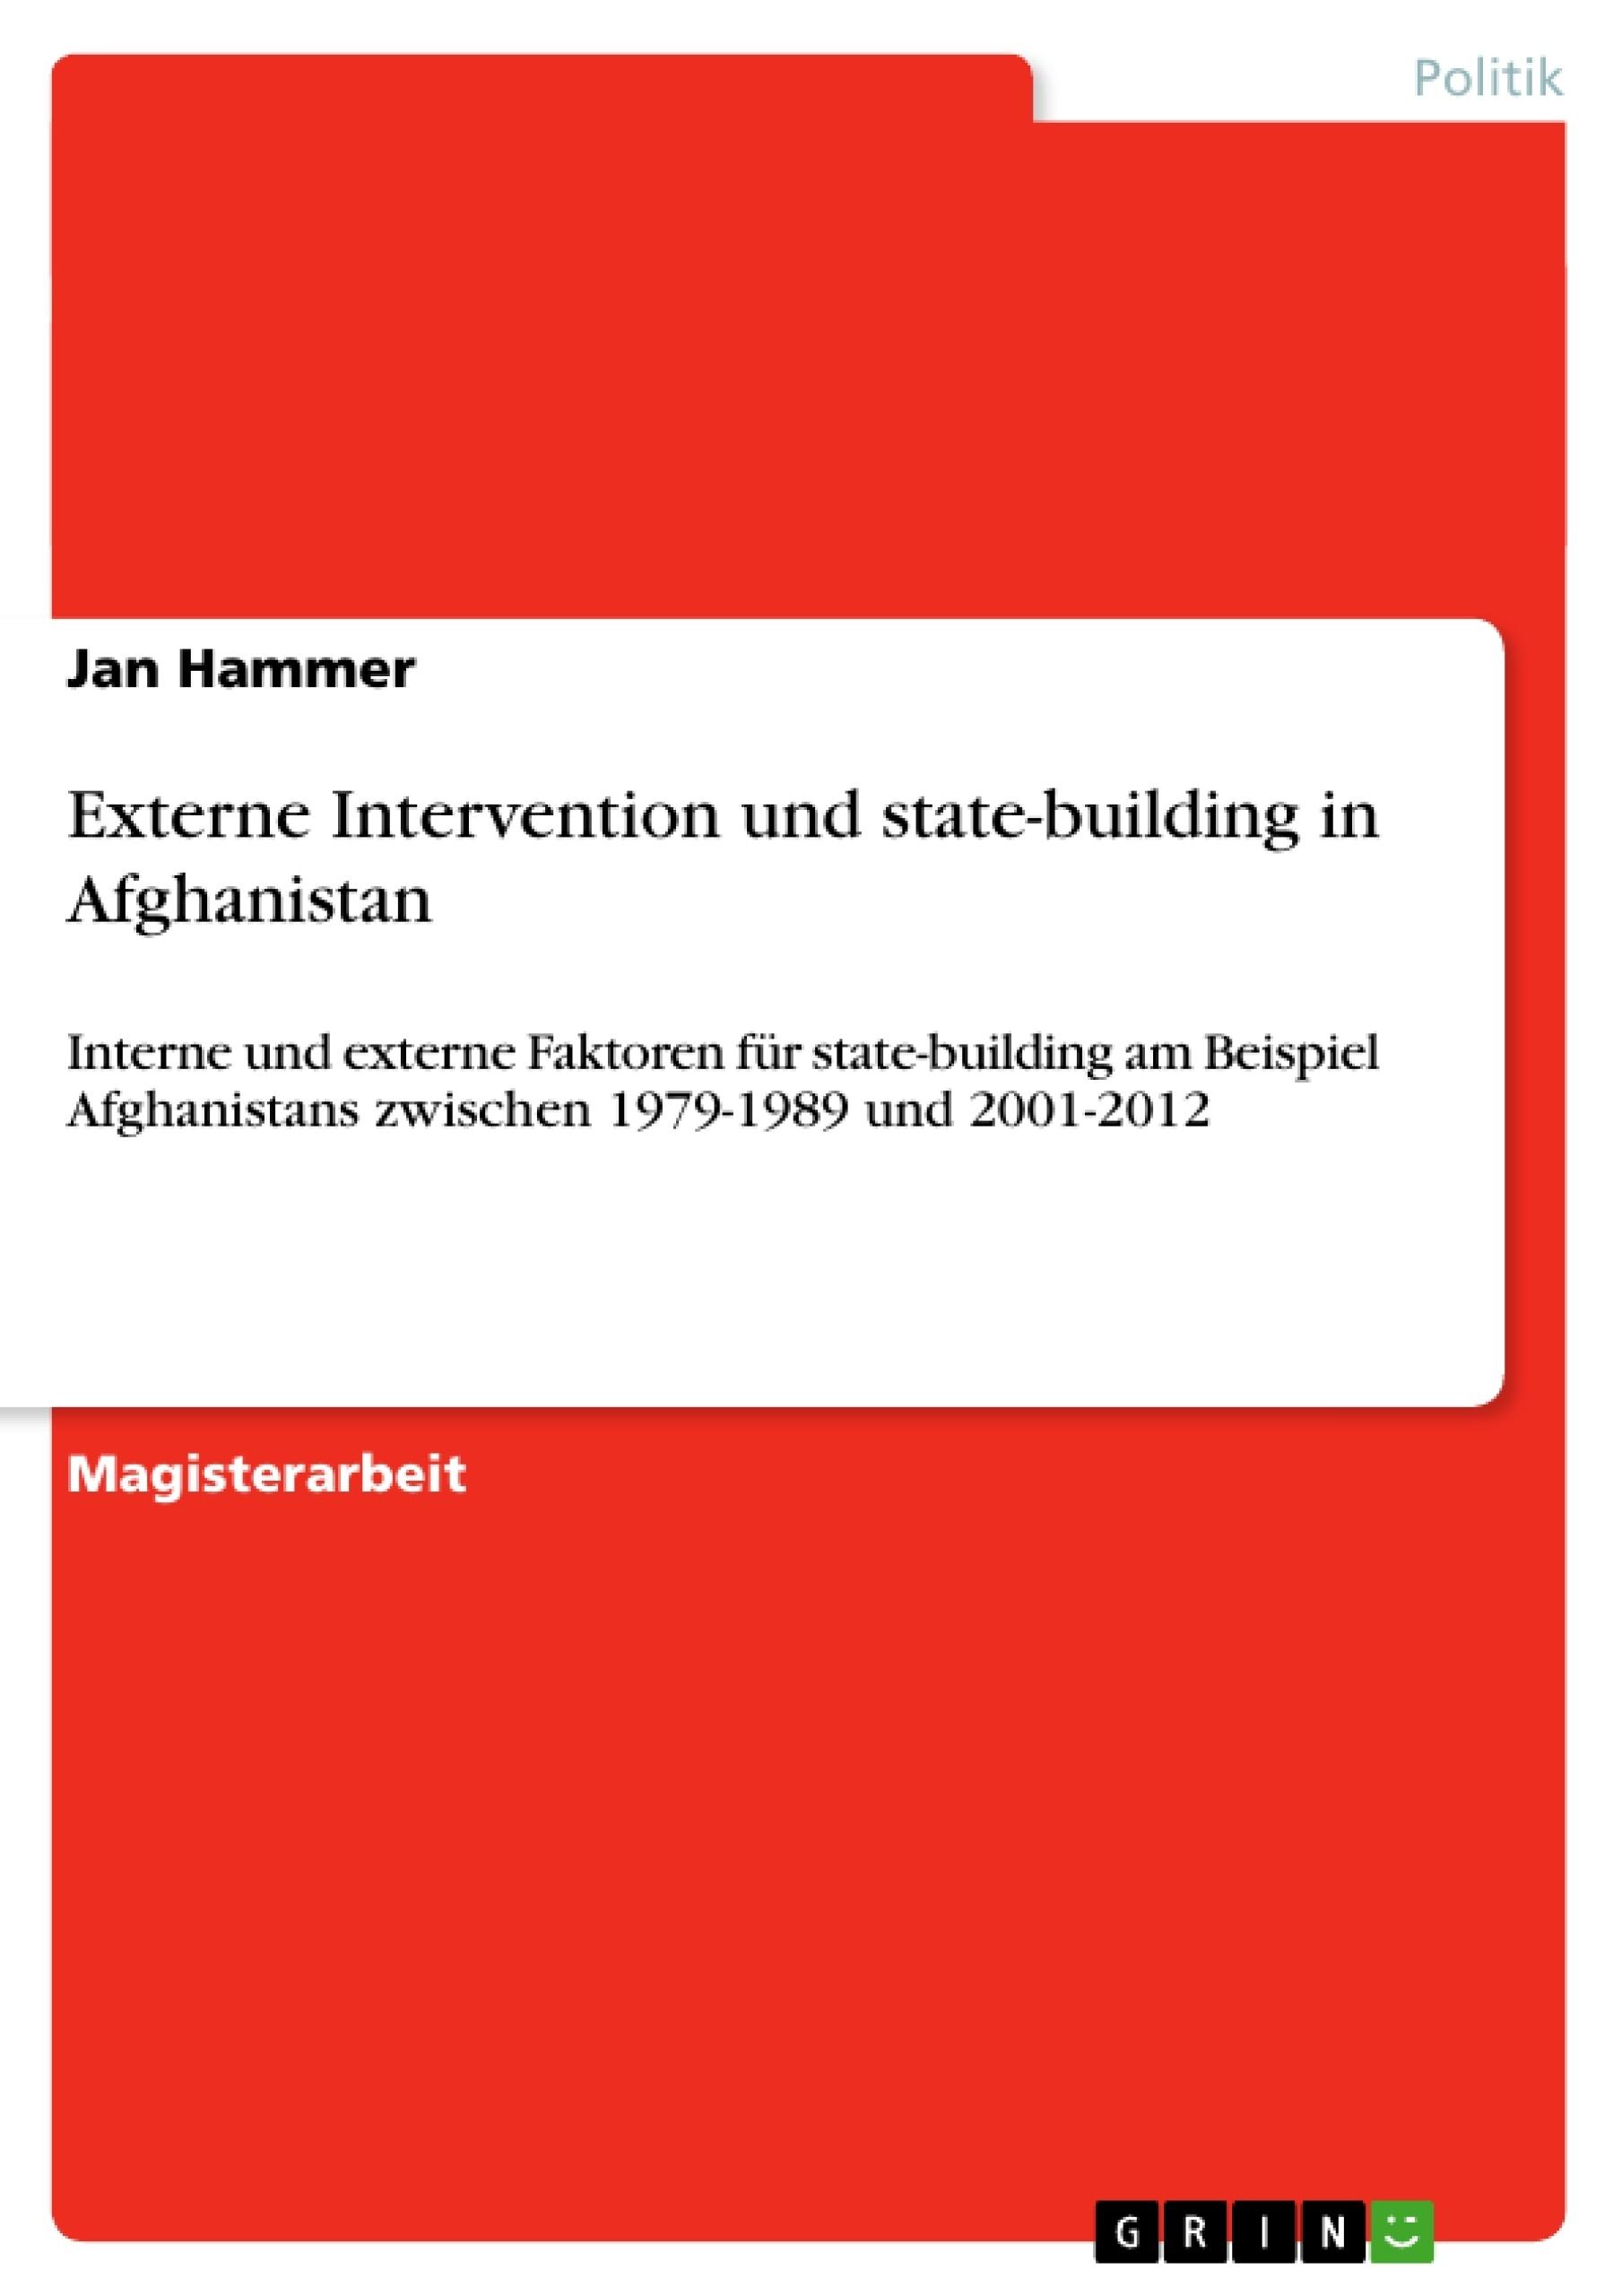 Titel: Externe Intervention und state-building in Afghanistan